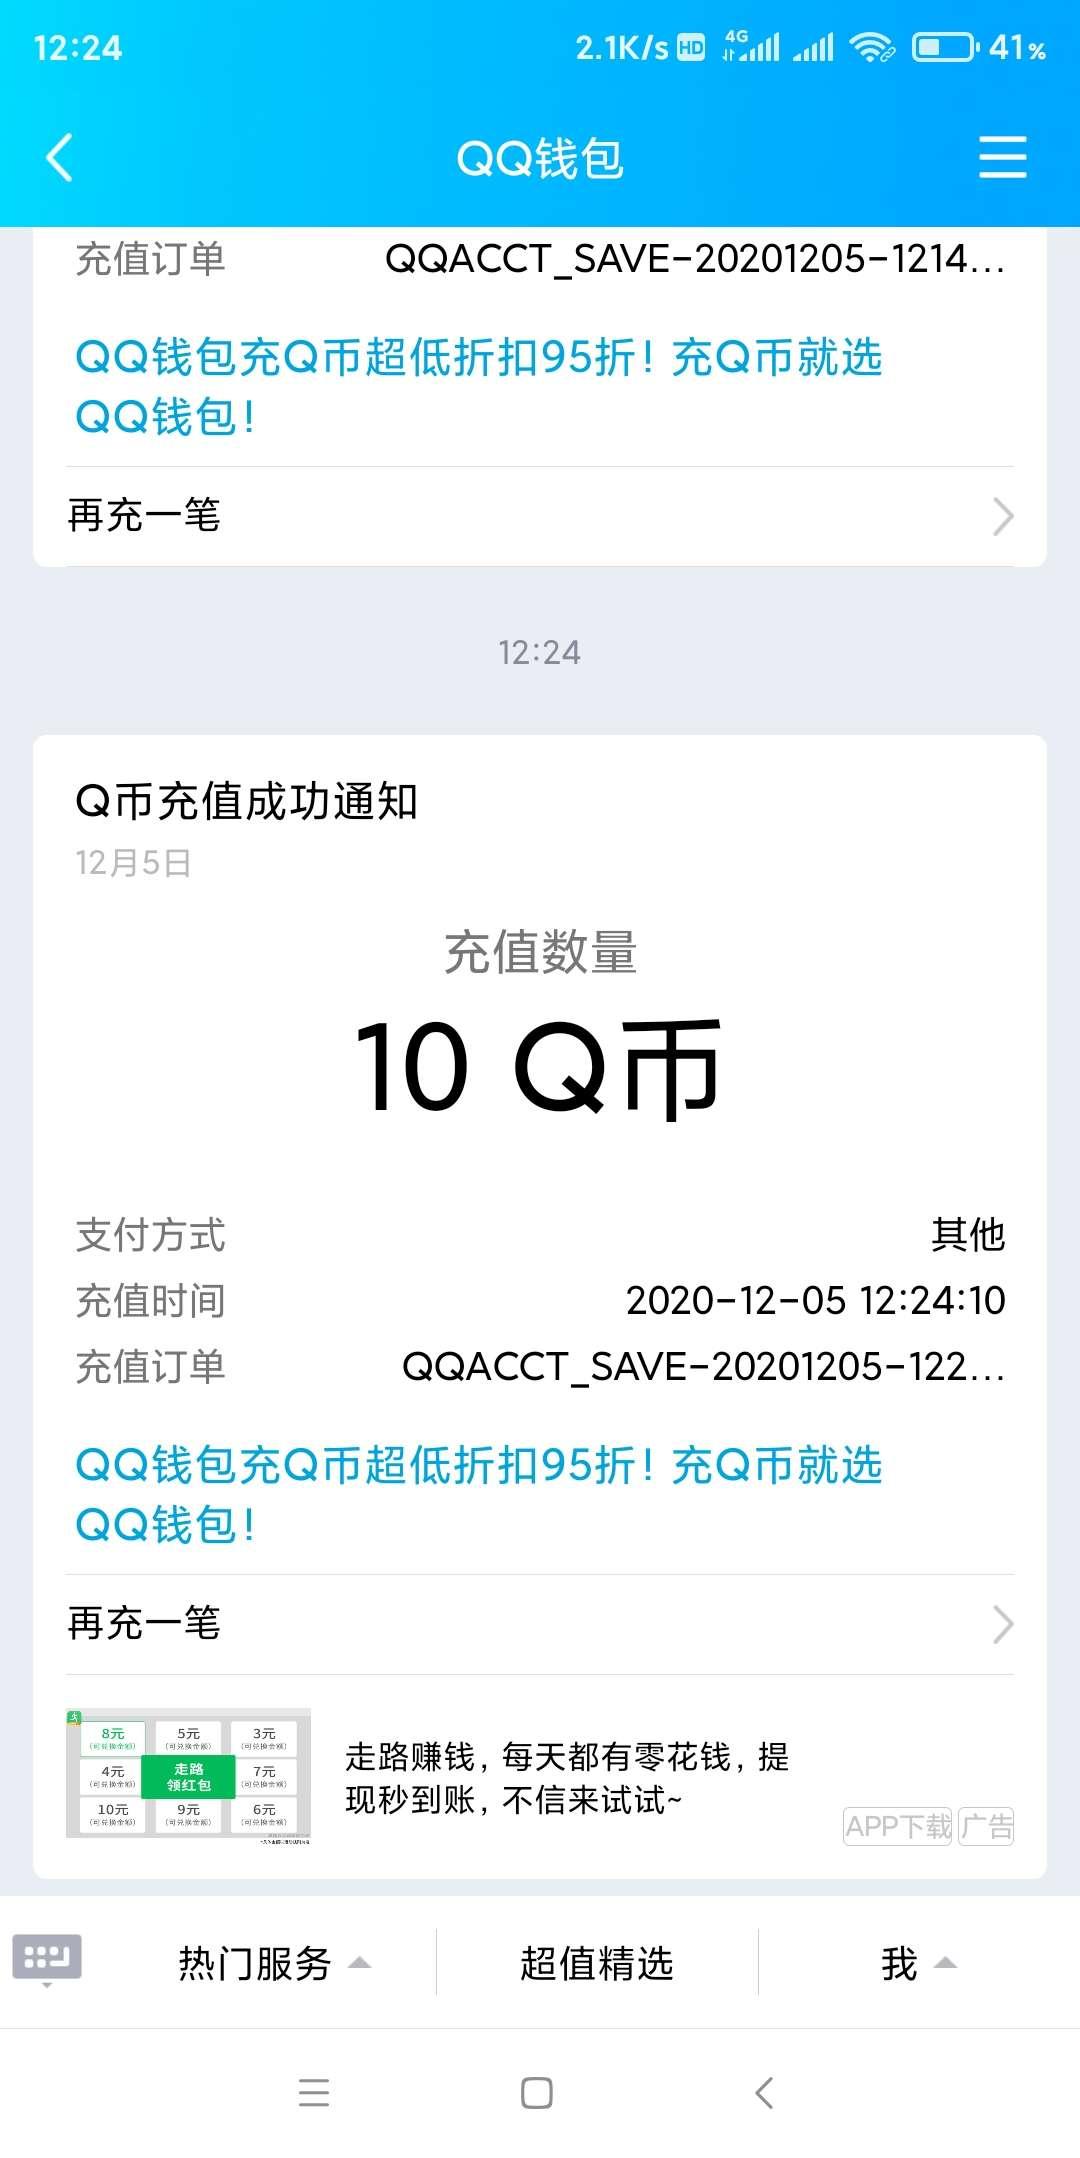 【虚拟物品】穿越火线手游邀友抽Q币-聚合资源网